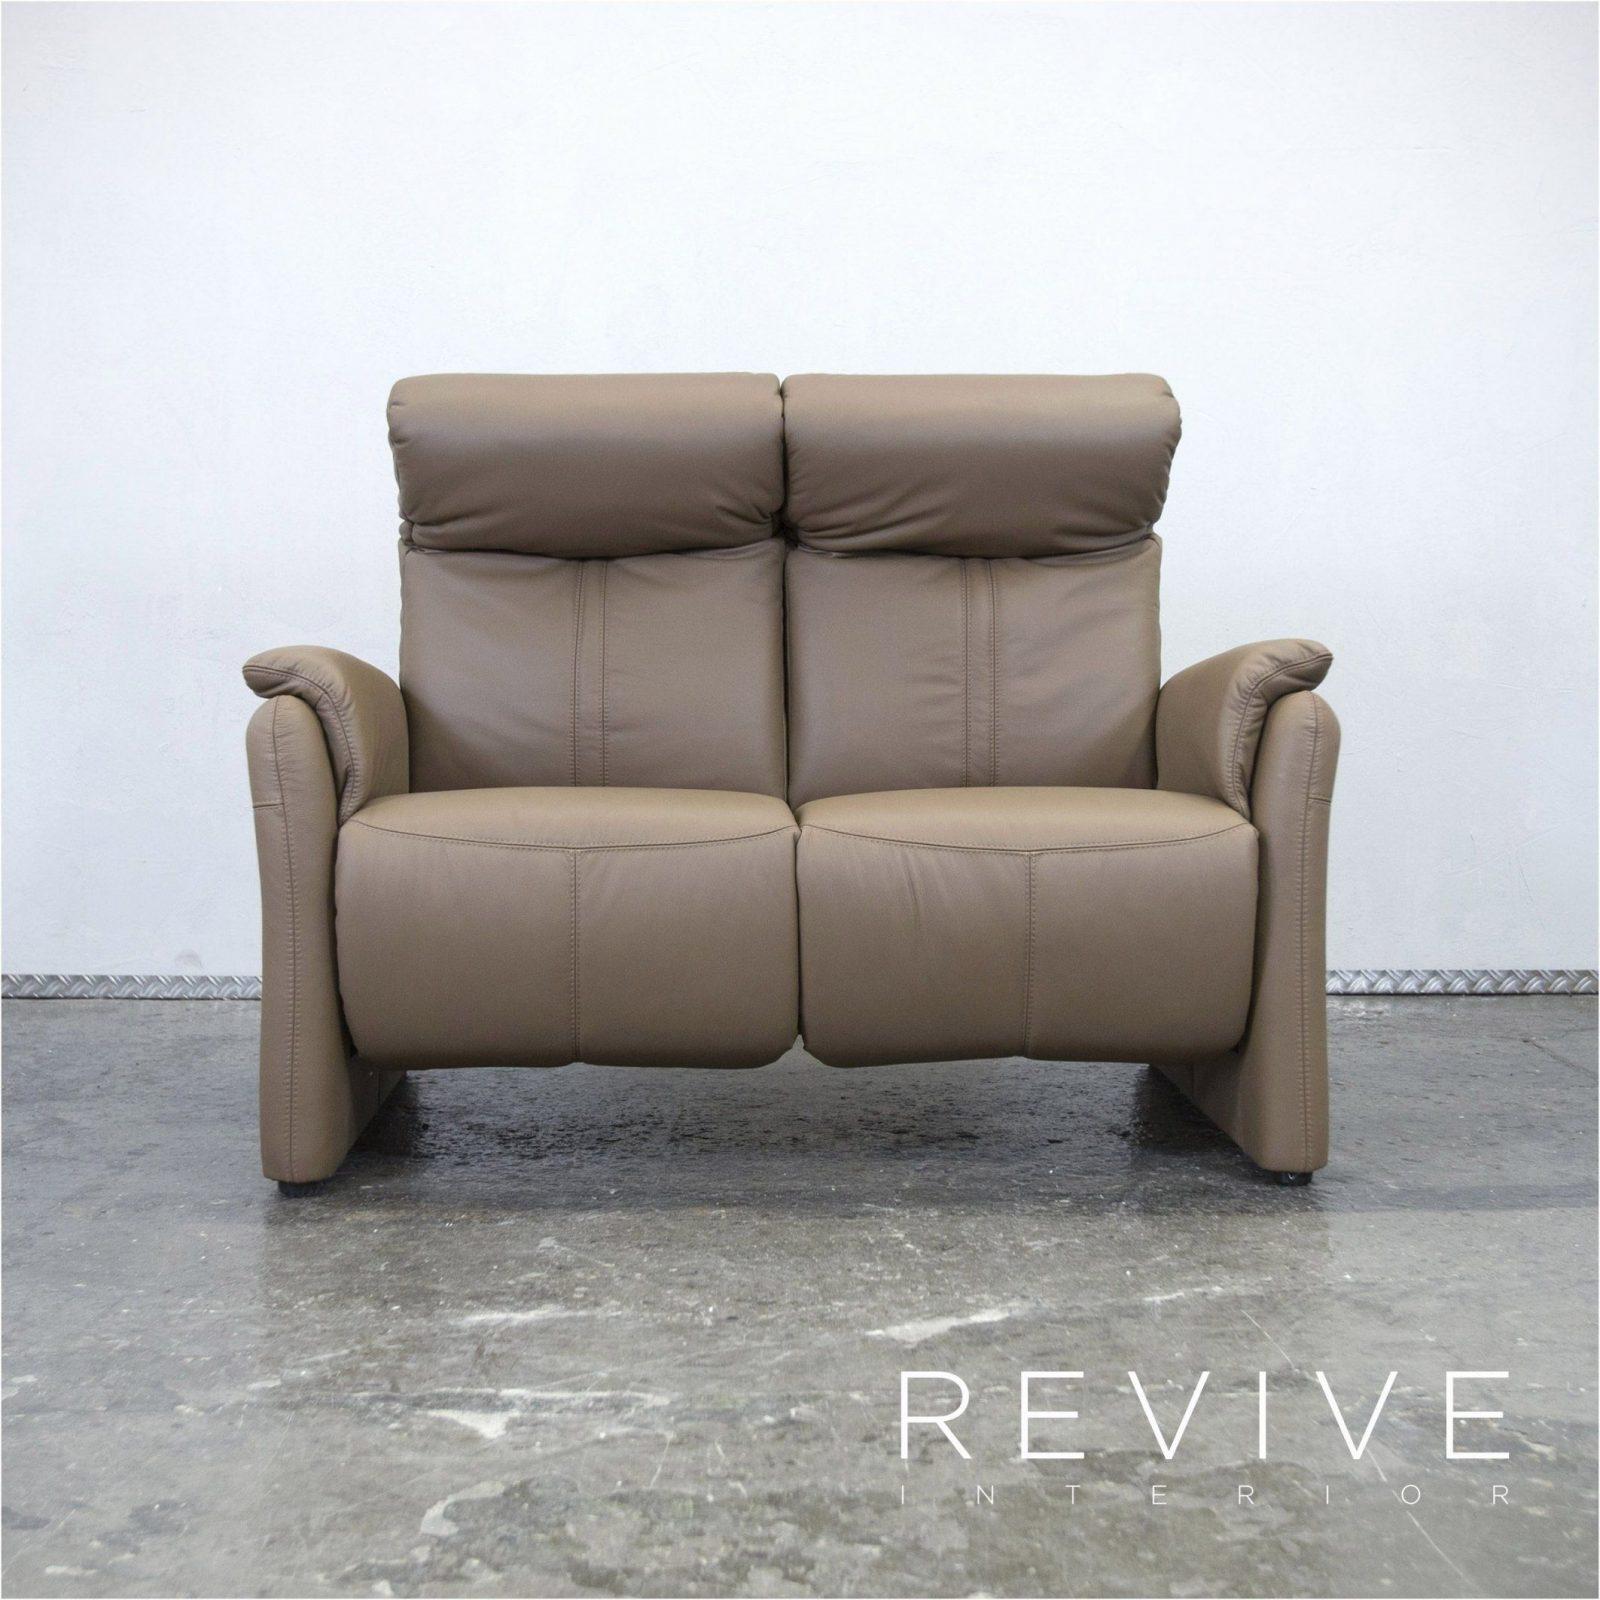 Sofa Neu Beziehen Superb Konzepte Betreffend Sofa Neu Beziehen Sofa